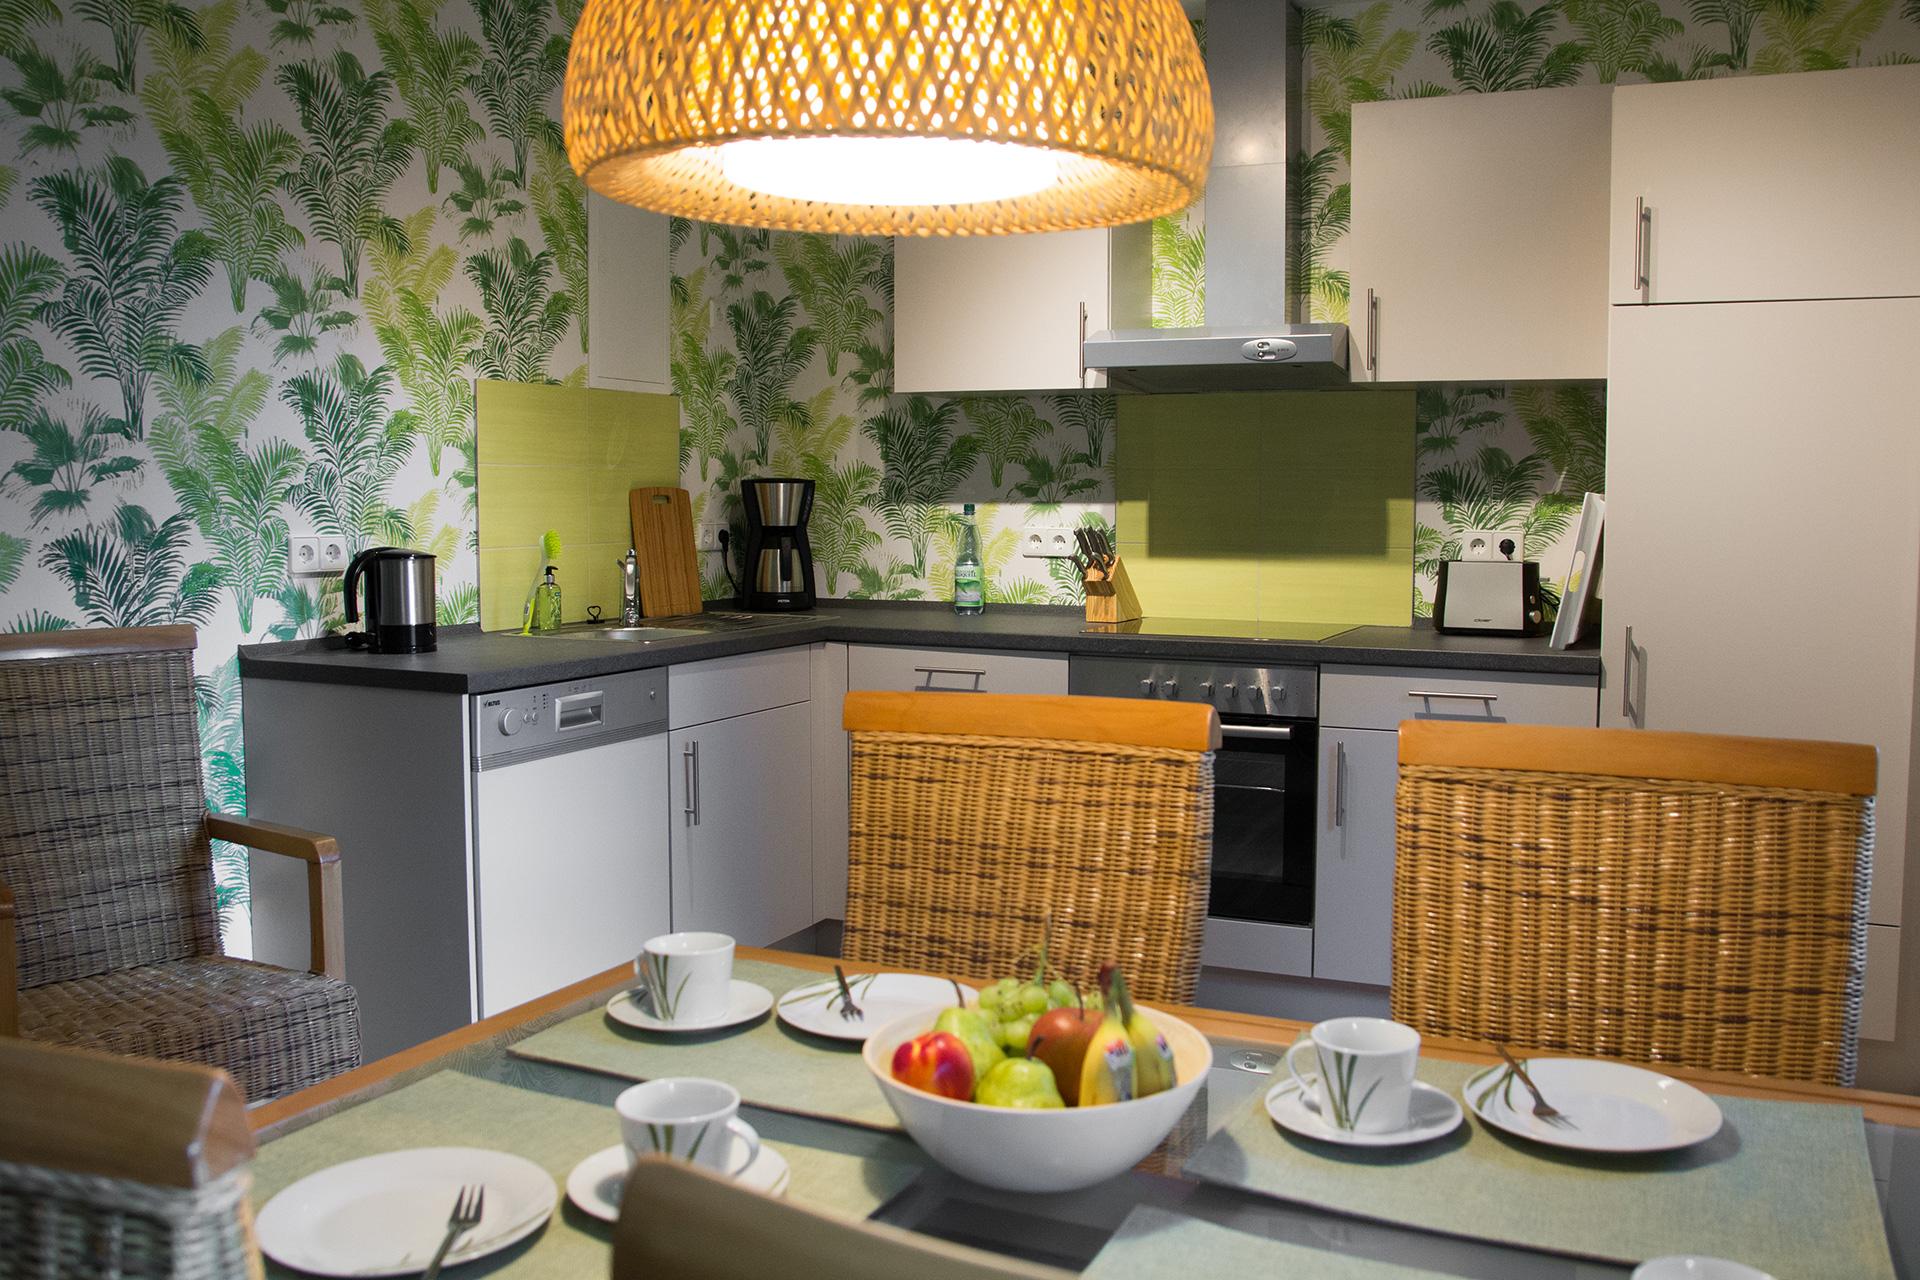 Ferienwohnung BaLie - Essbereich und Küchenzeile